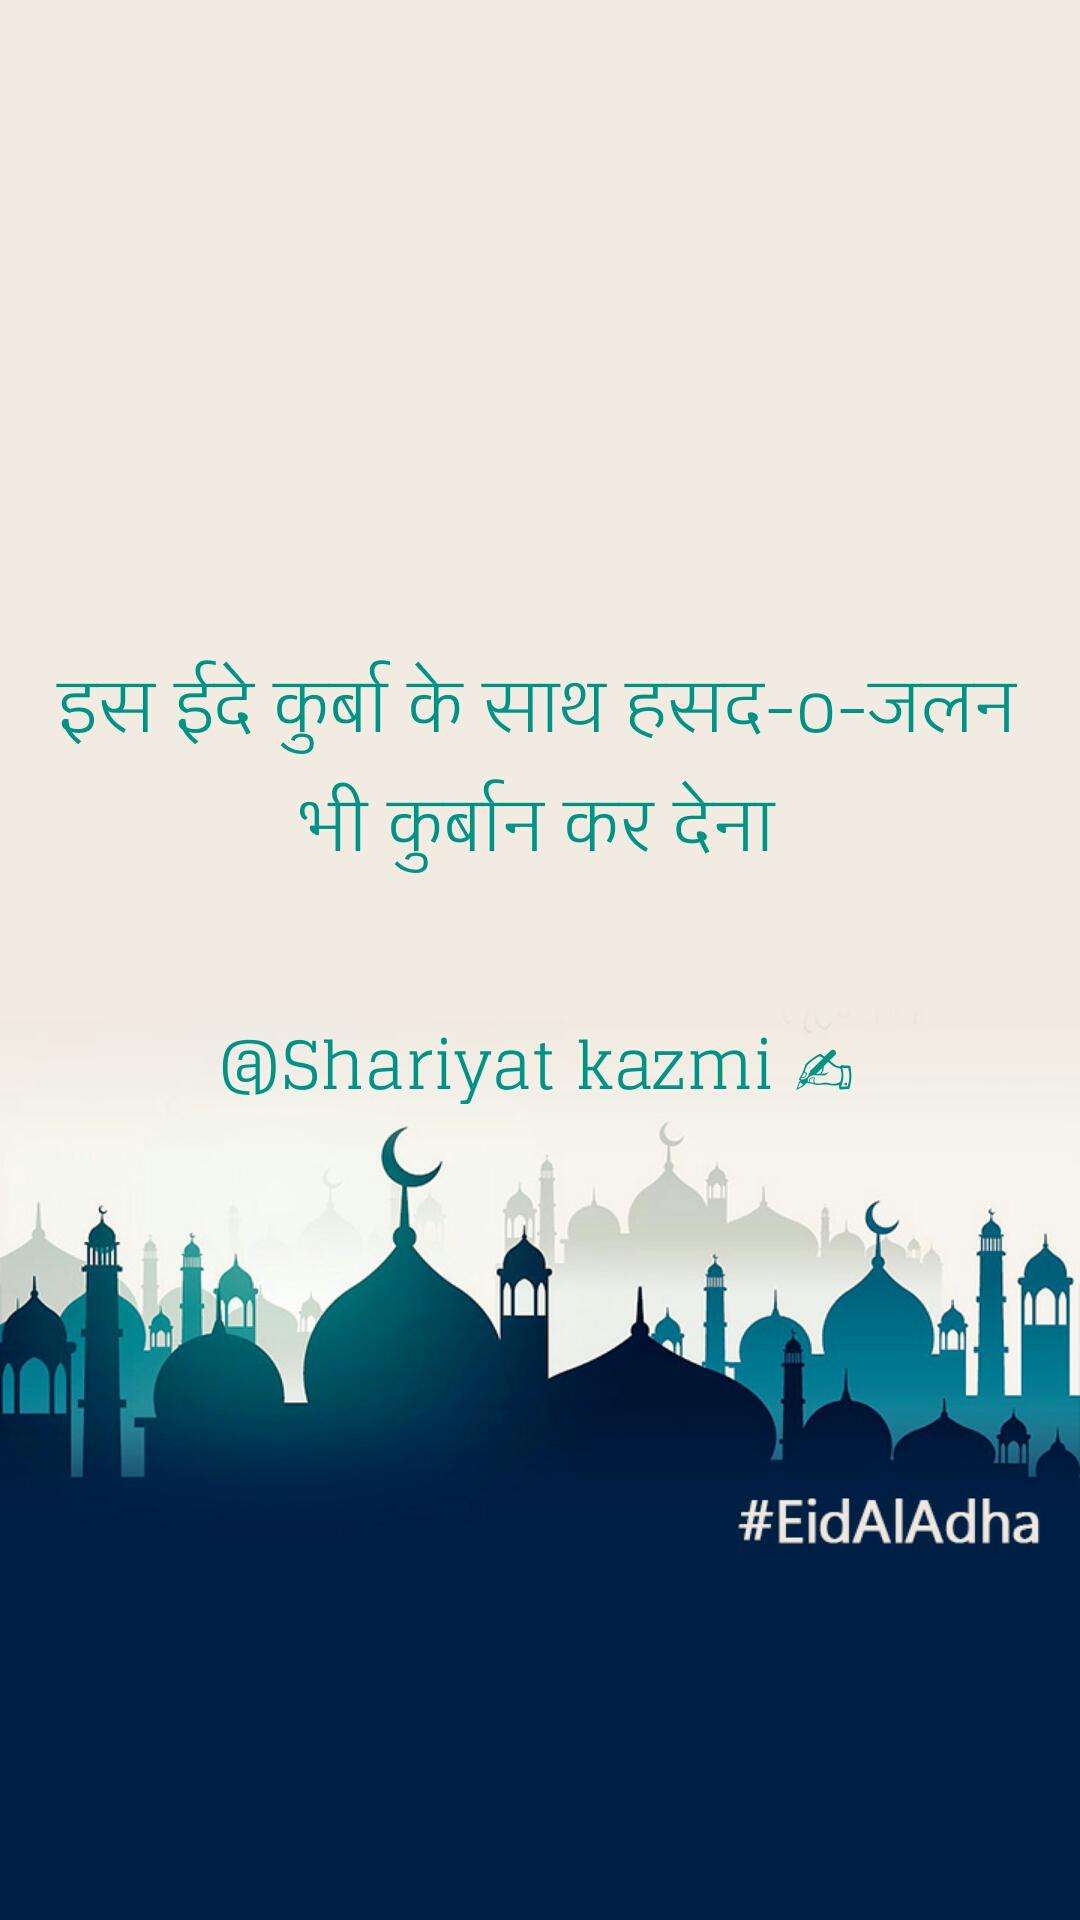 इस ईदे कुर्बा के साथ हसद-o-जलन भी कुर्बान कर देना  @Shariyat kazmi ✍